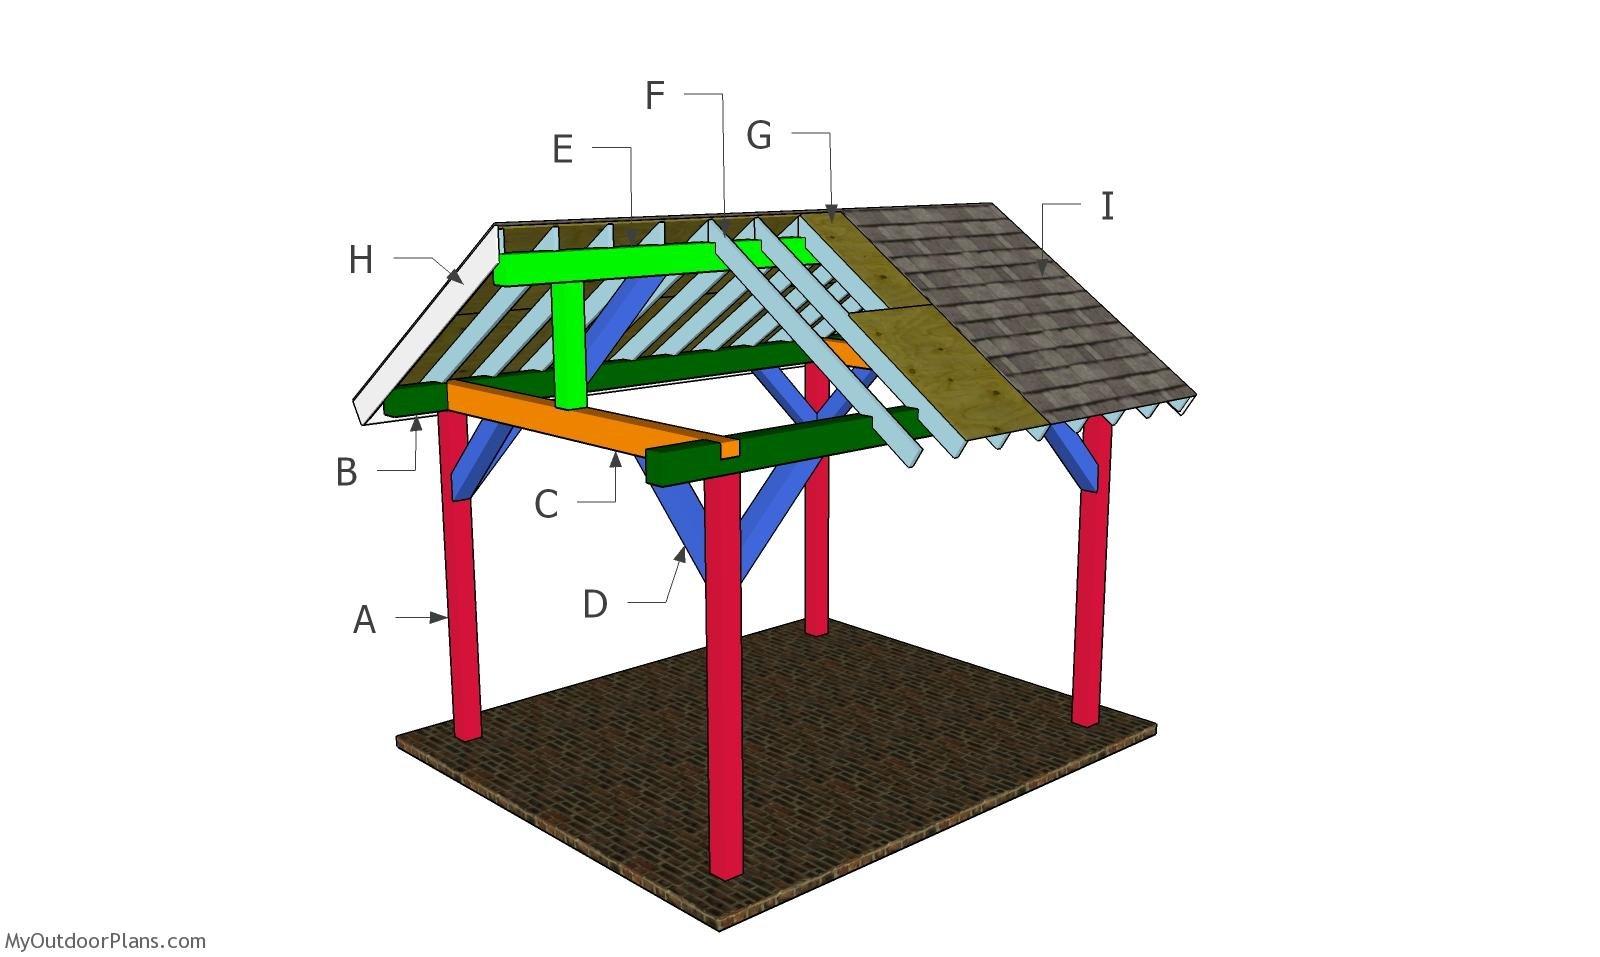 10x12 Gable Pavilion Roof